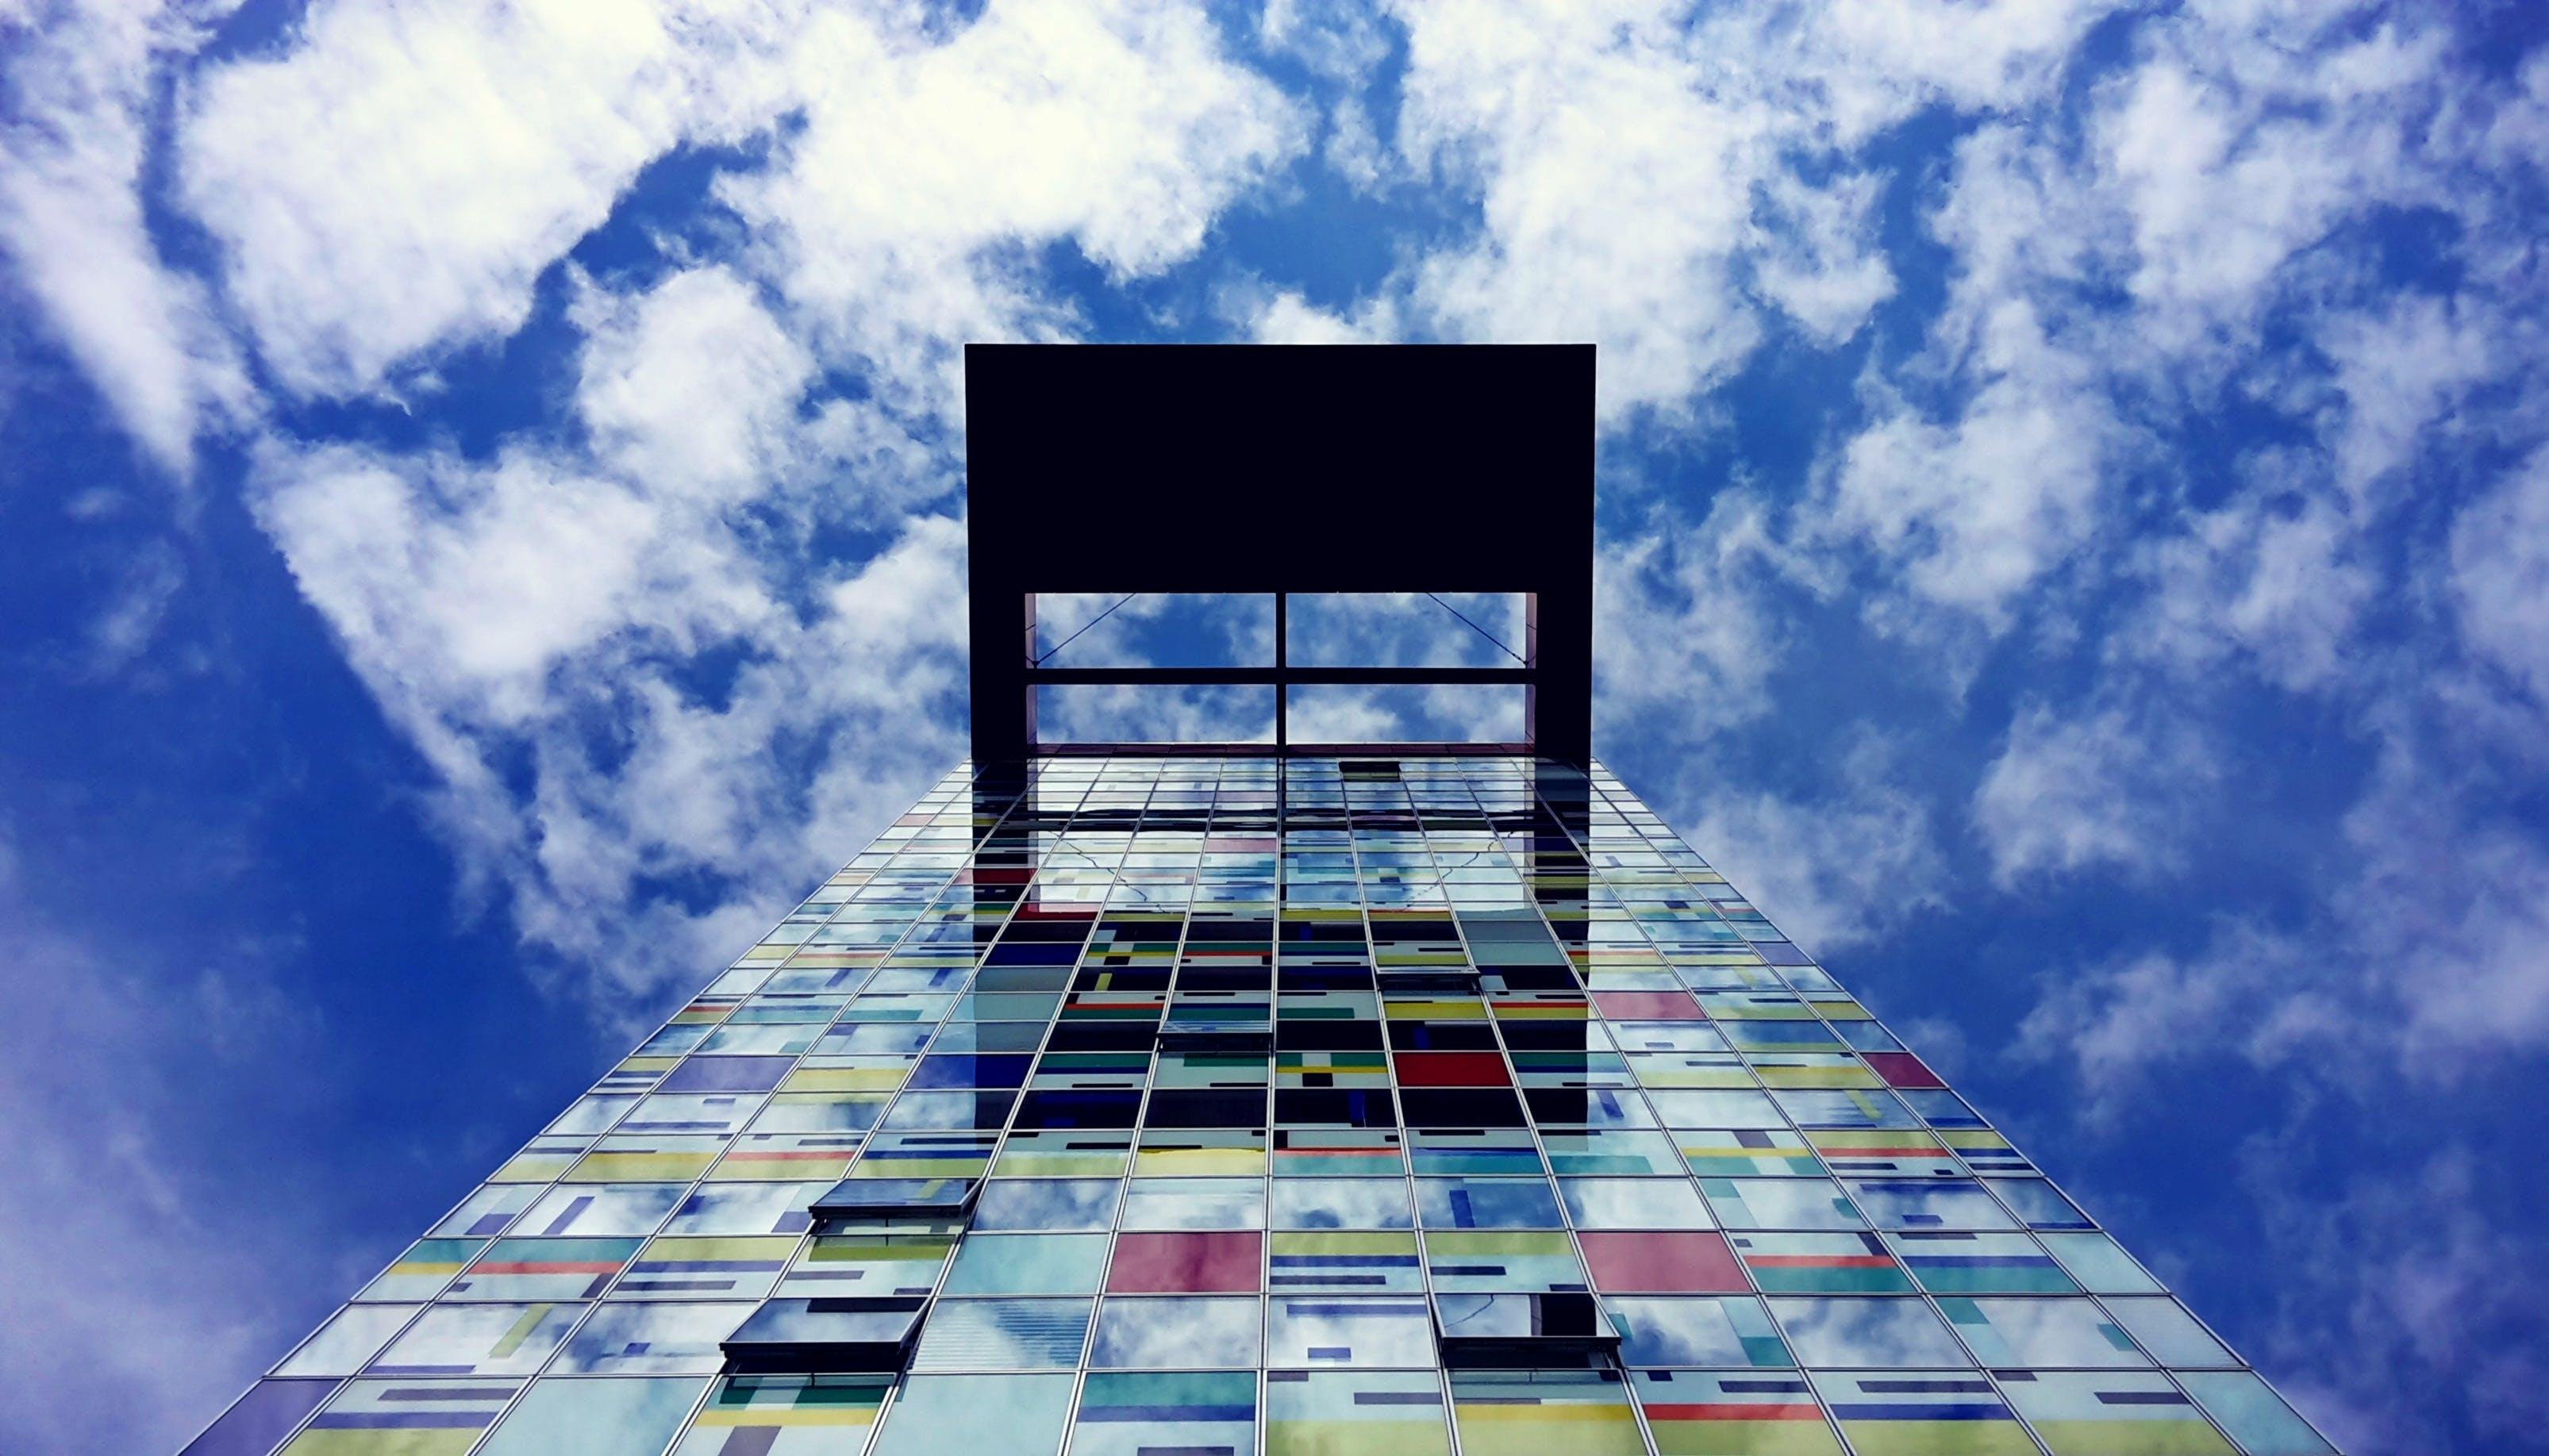 Kostenloses Stock Foto zu architektur, aufnahme von unten, fassade, glas